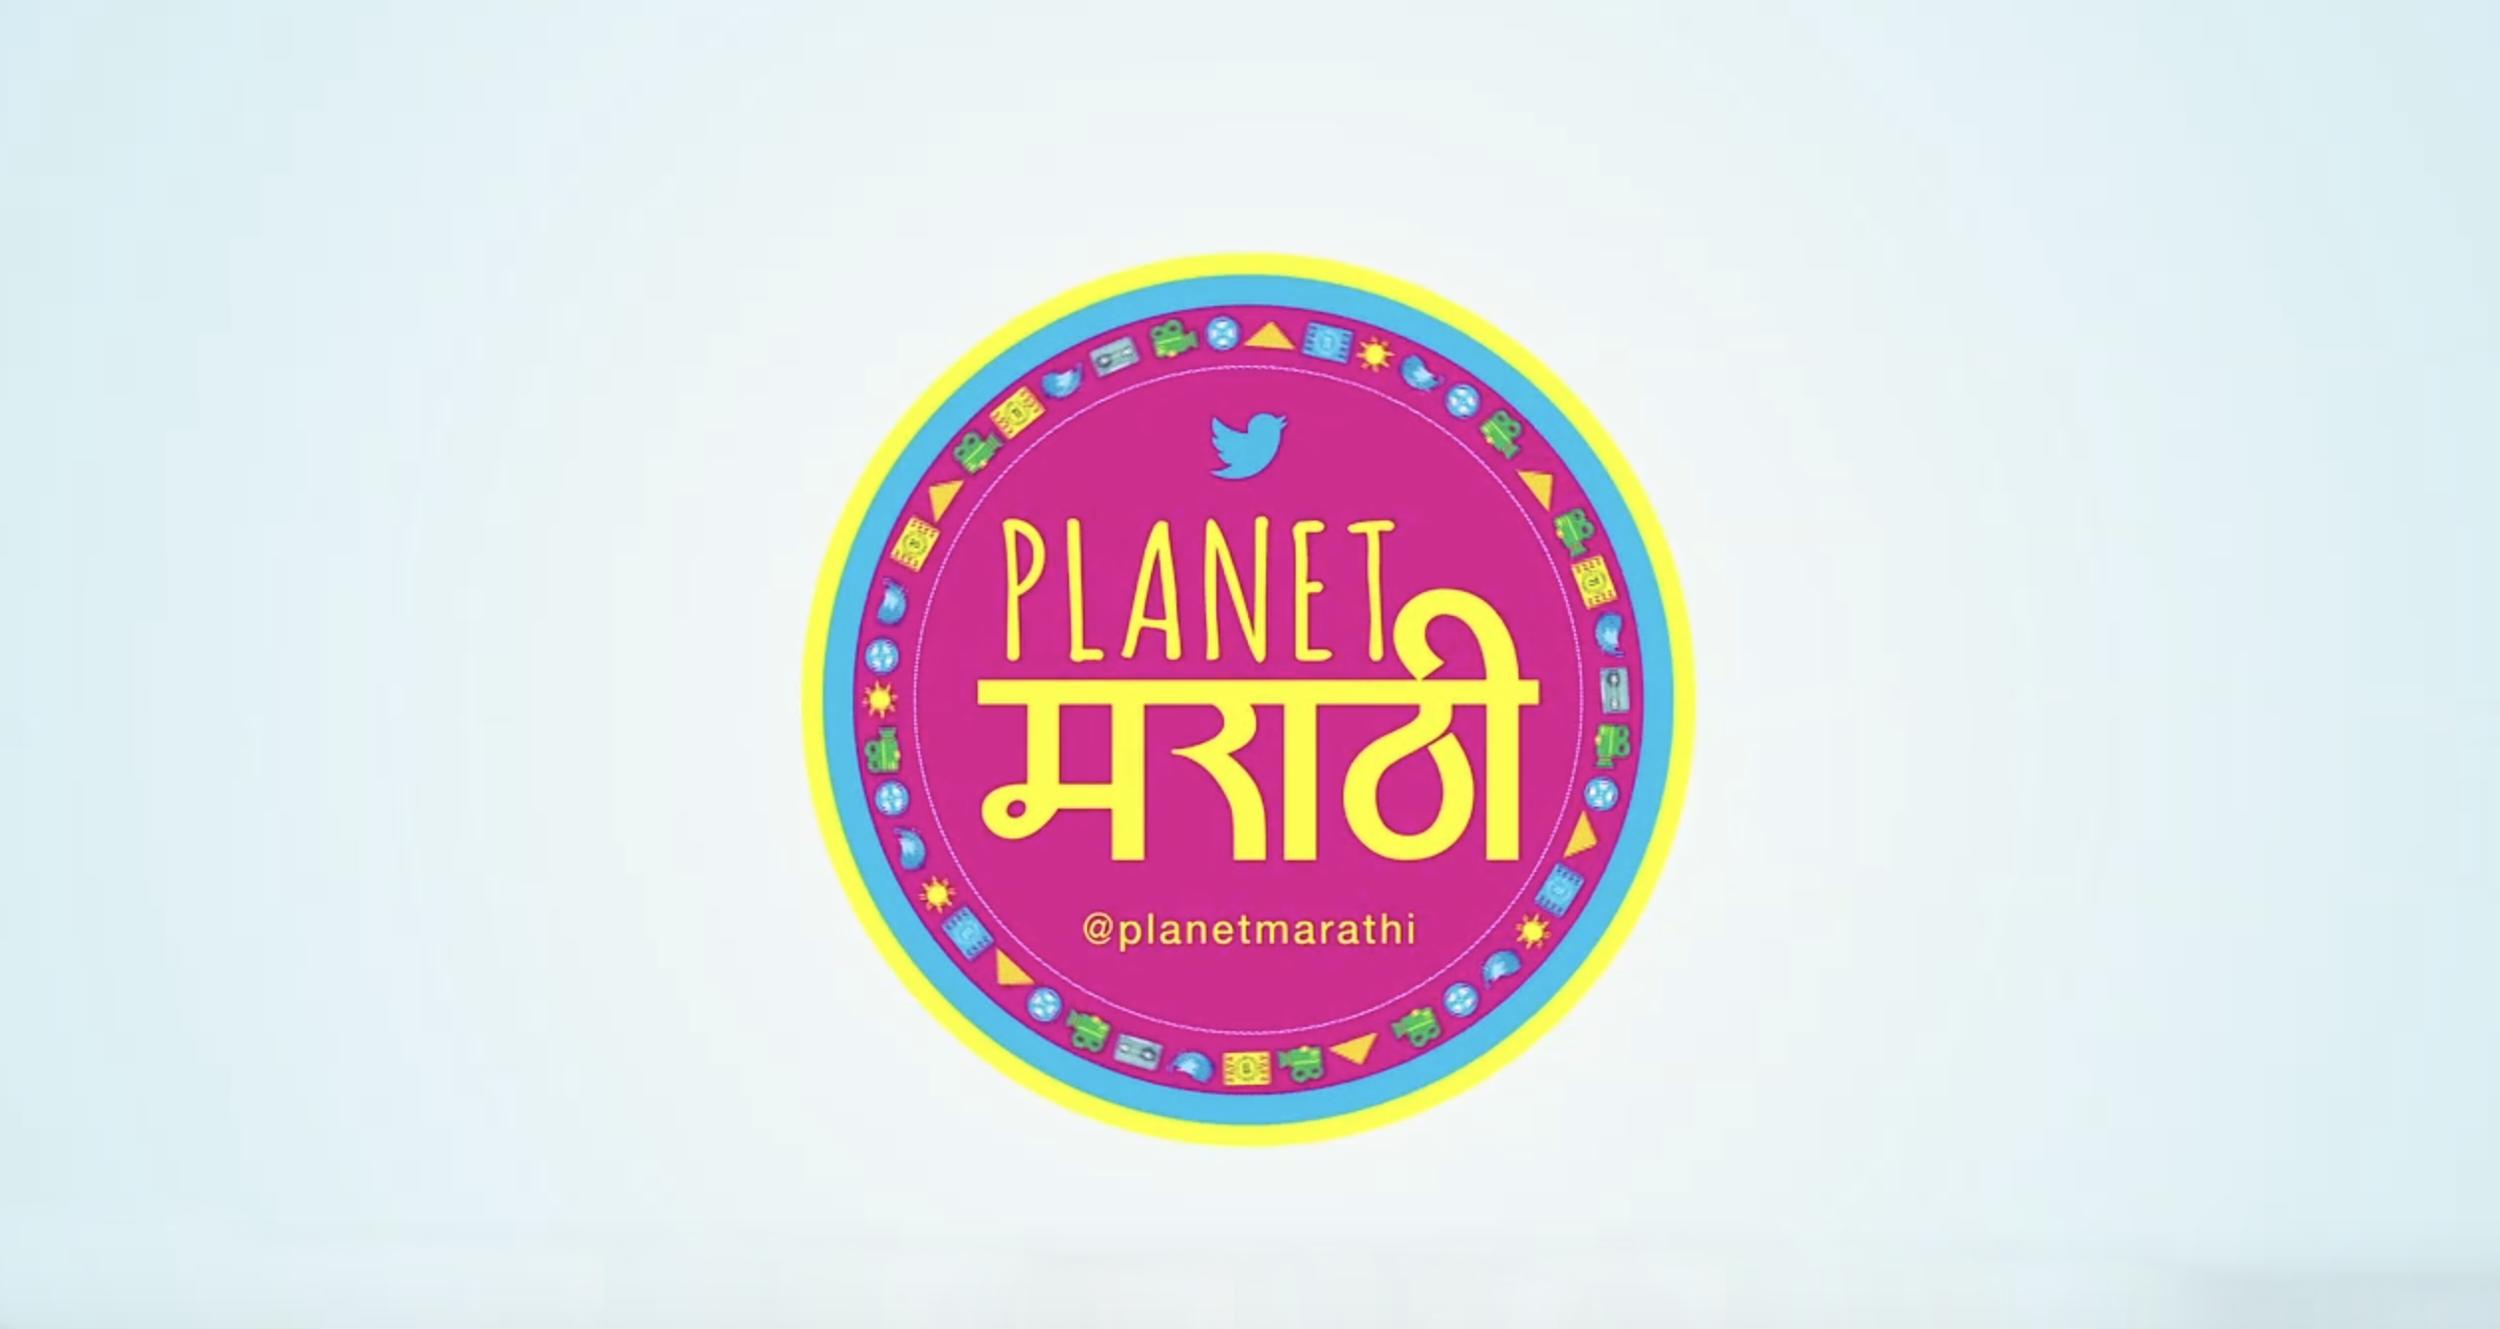 Twitter India :Planet Marathi with Raju Parulekar